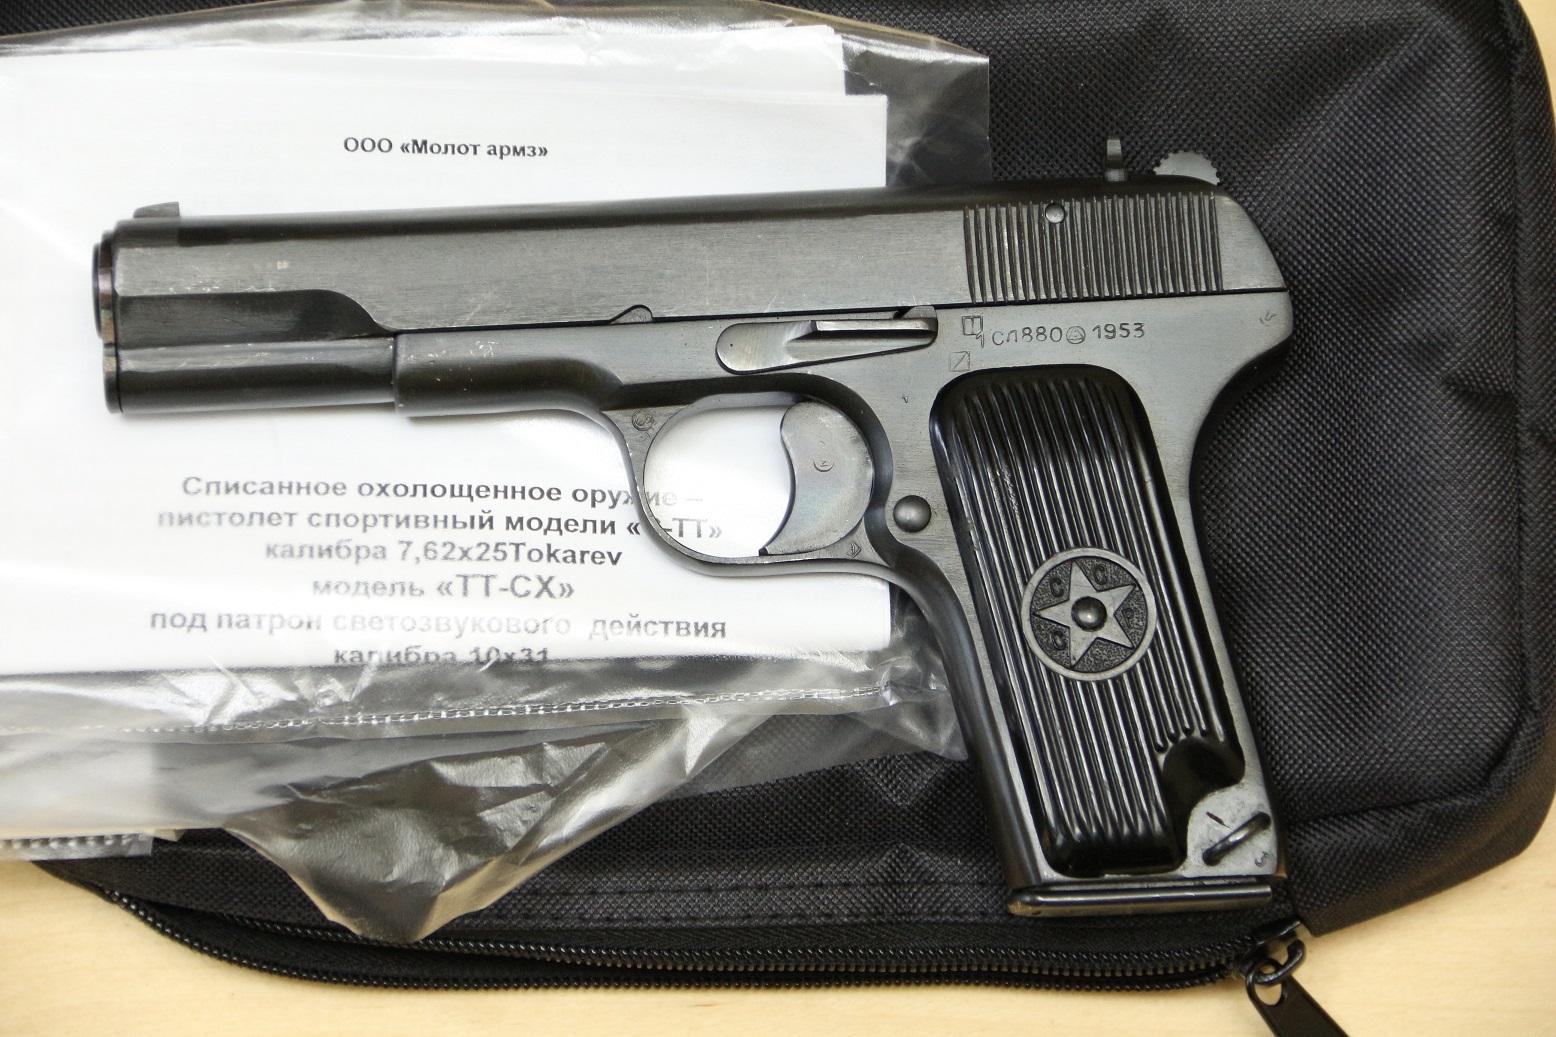 Охолощенный пистолет ТТ-СХ 1953 года, №СЛ880, НОВЫЙ ДЕАКТИВ 2020 года